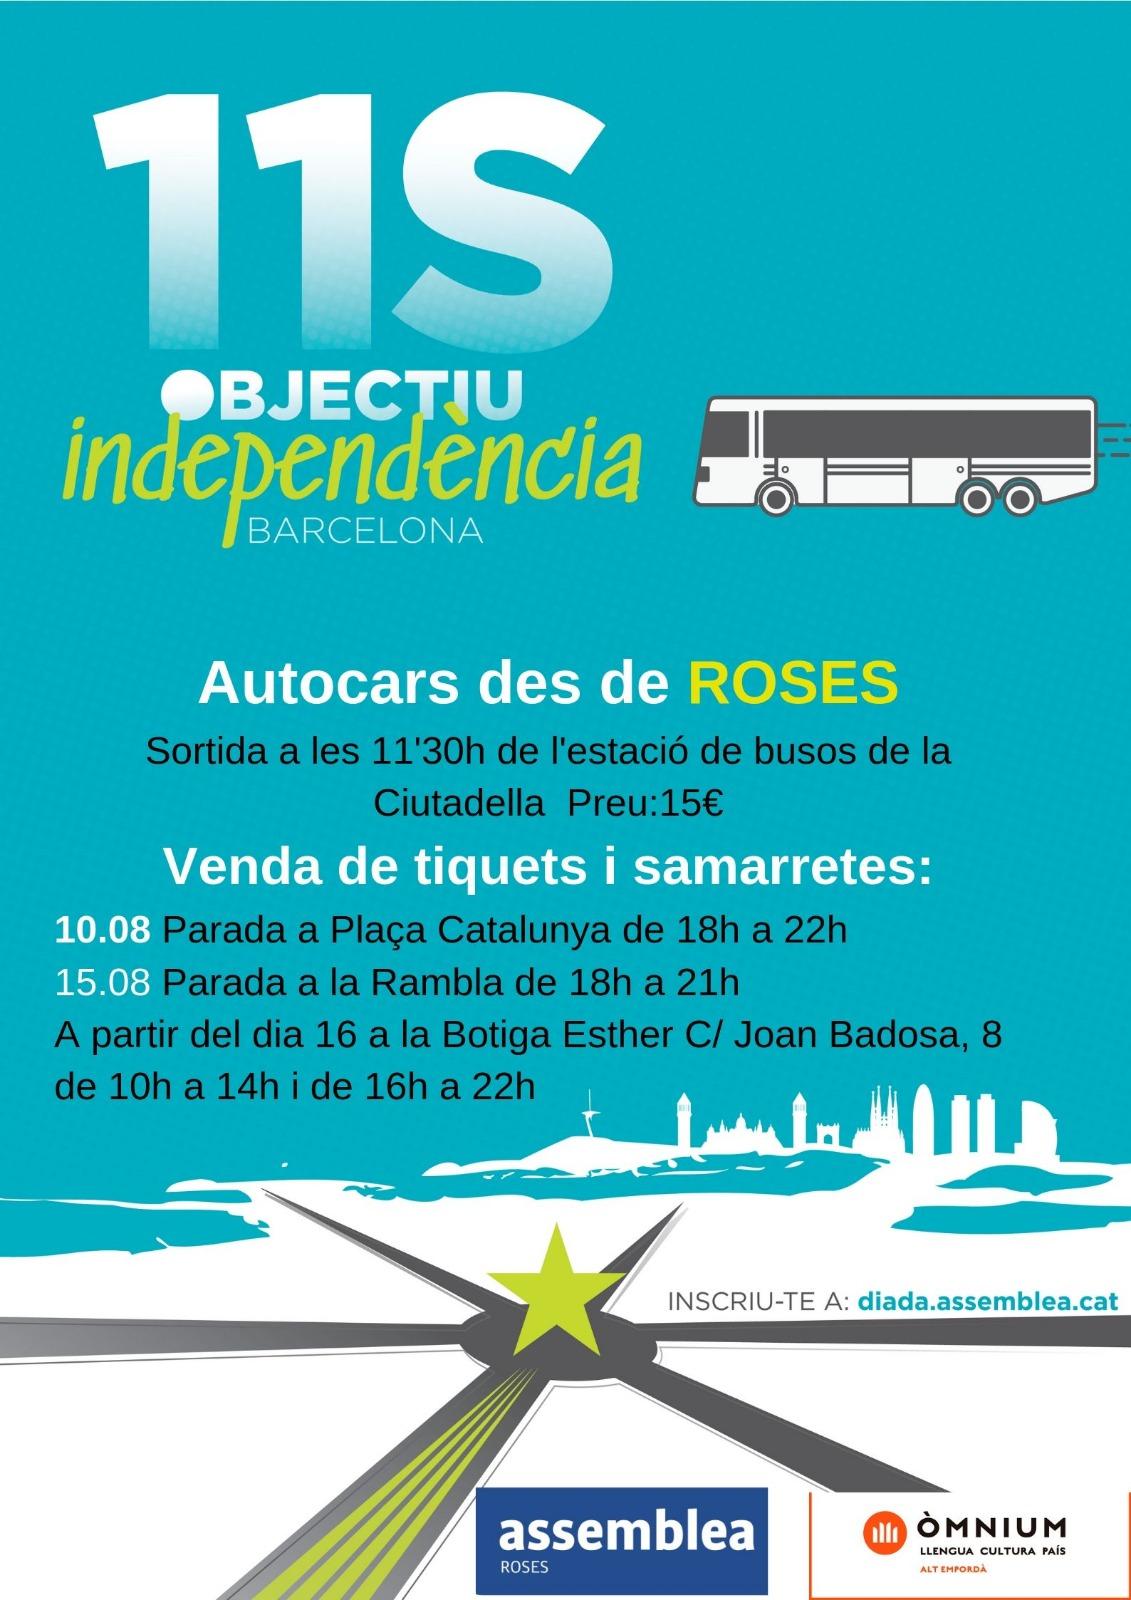 L'ANC Roses ja hi ha posat a la venda els tiquets per anar a Barcelona